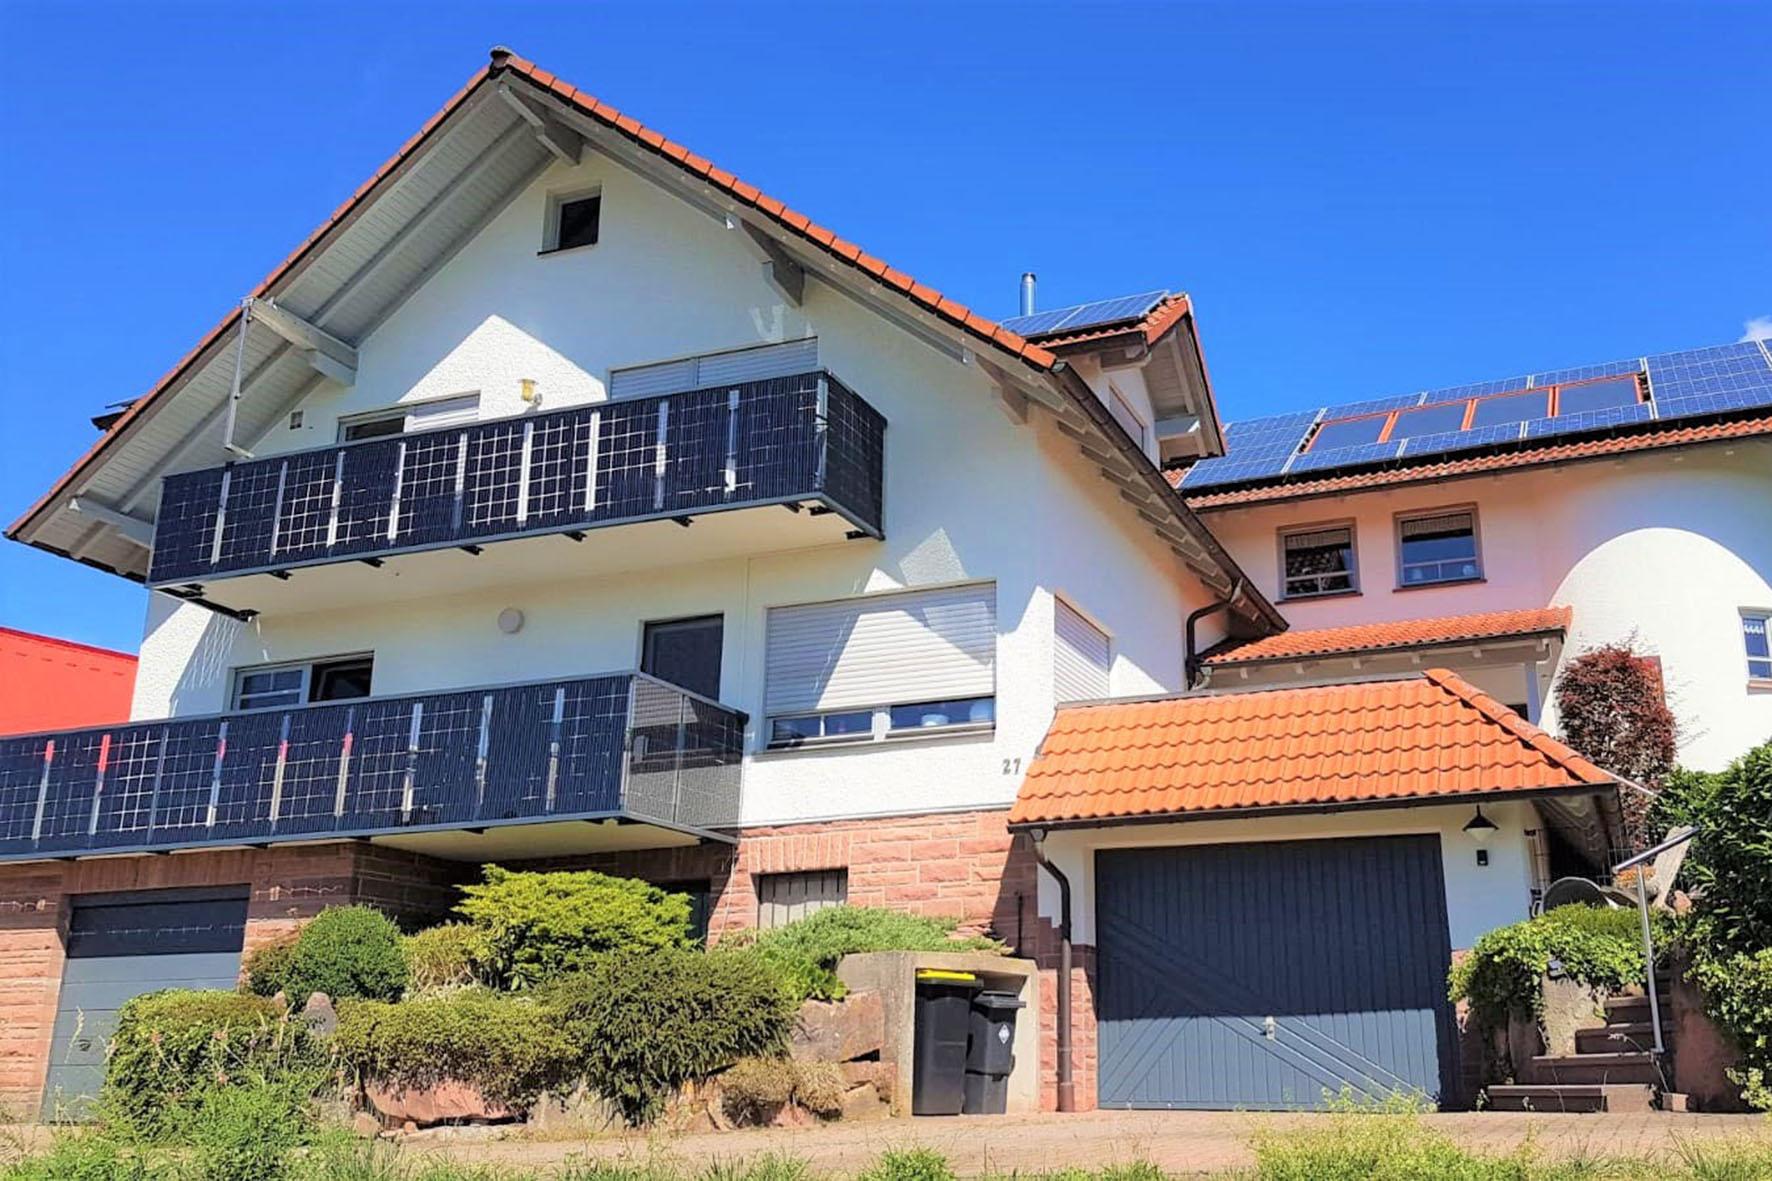 Solare Ernte auf dem Balkon